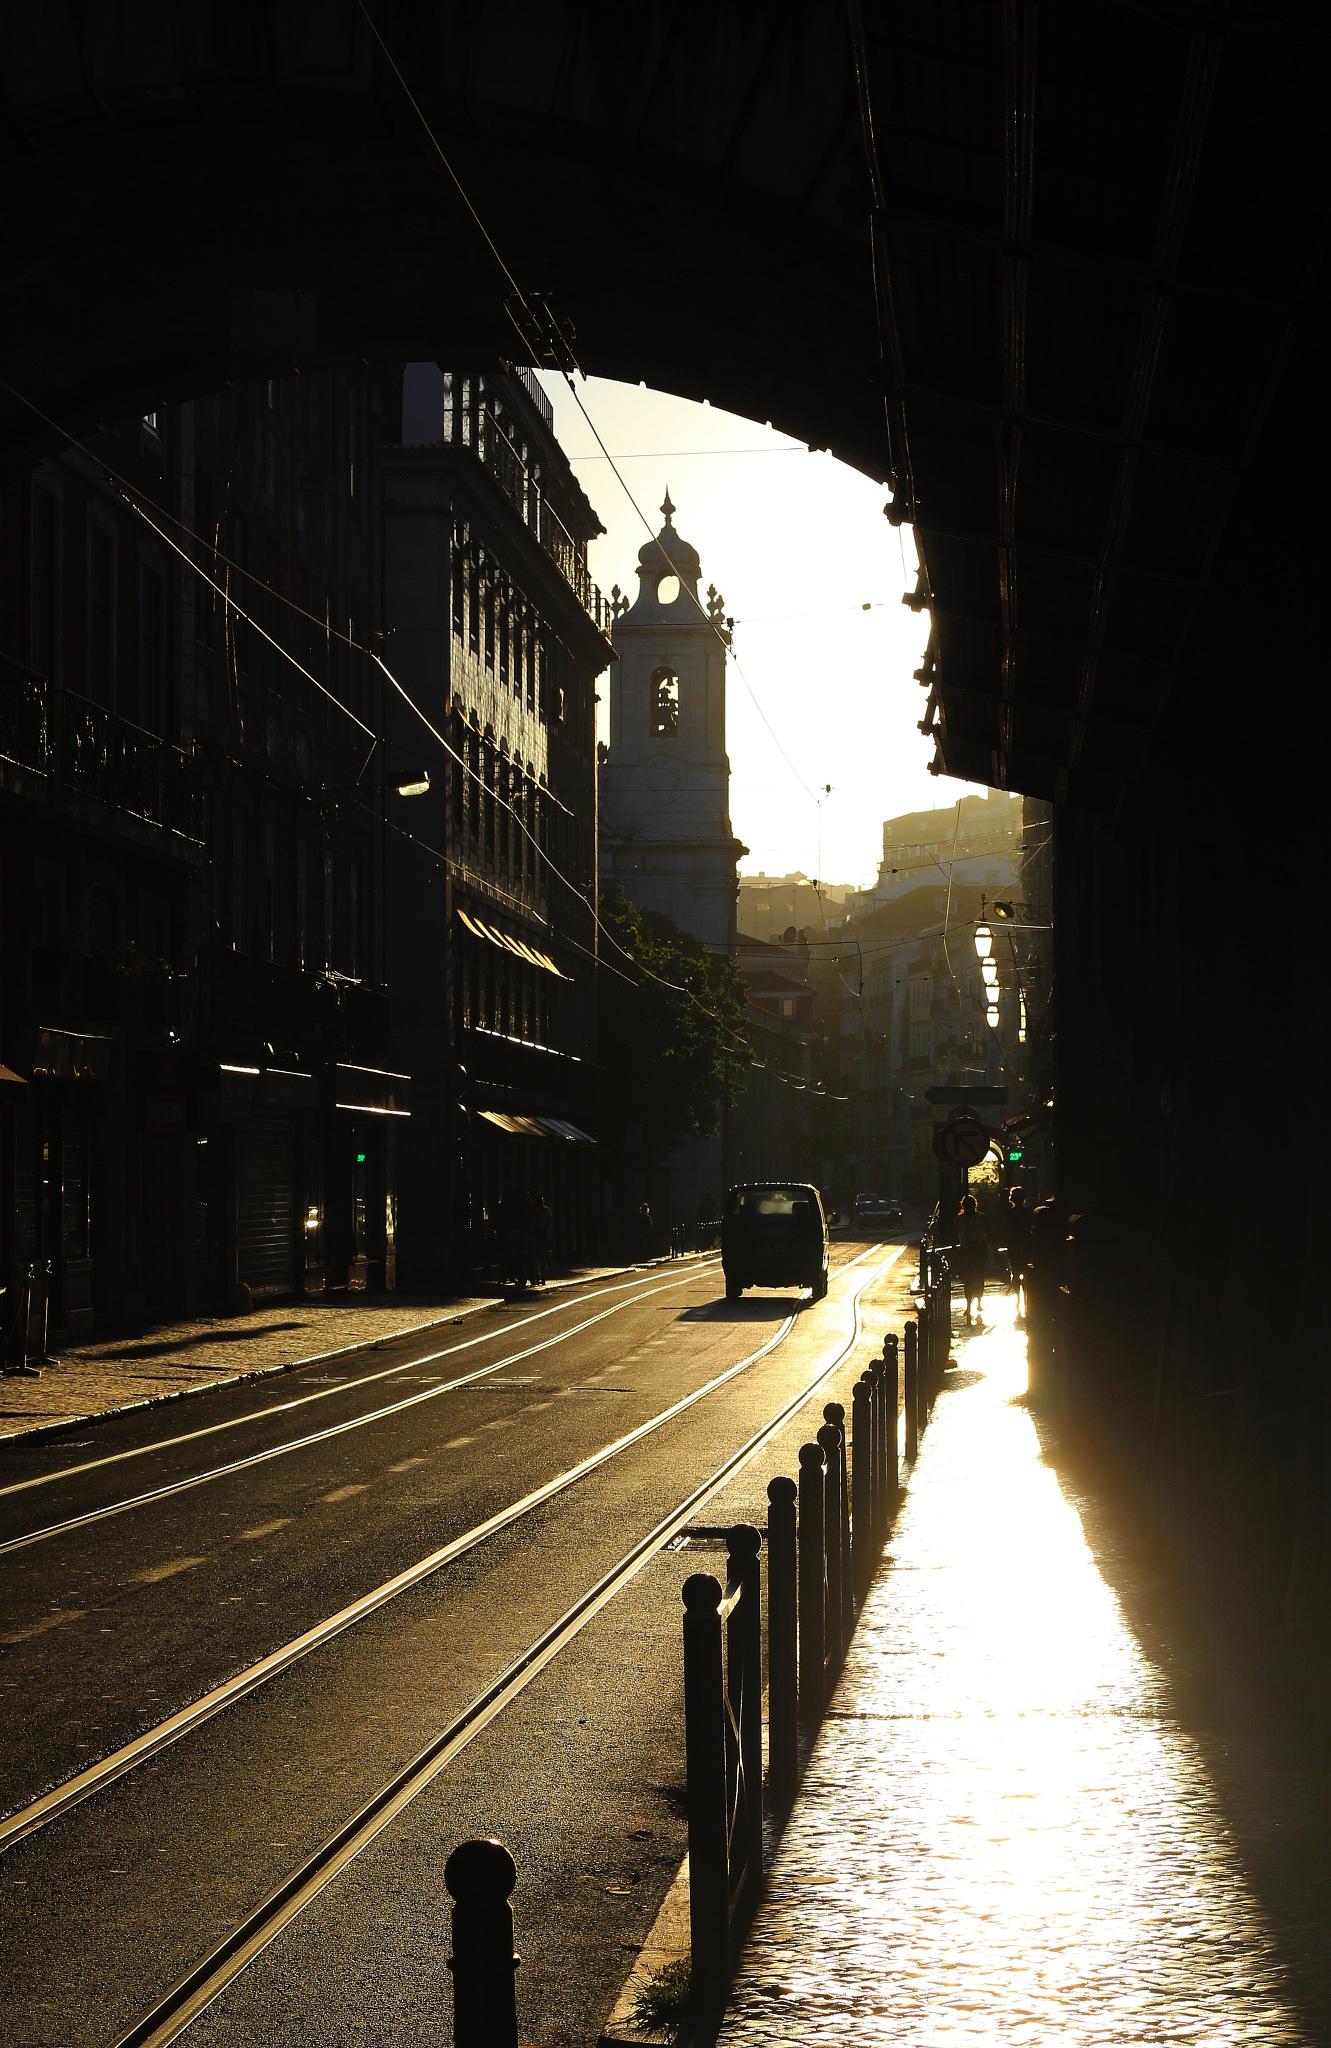 Rua São Paulo, Lx by carlosmsantos